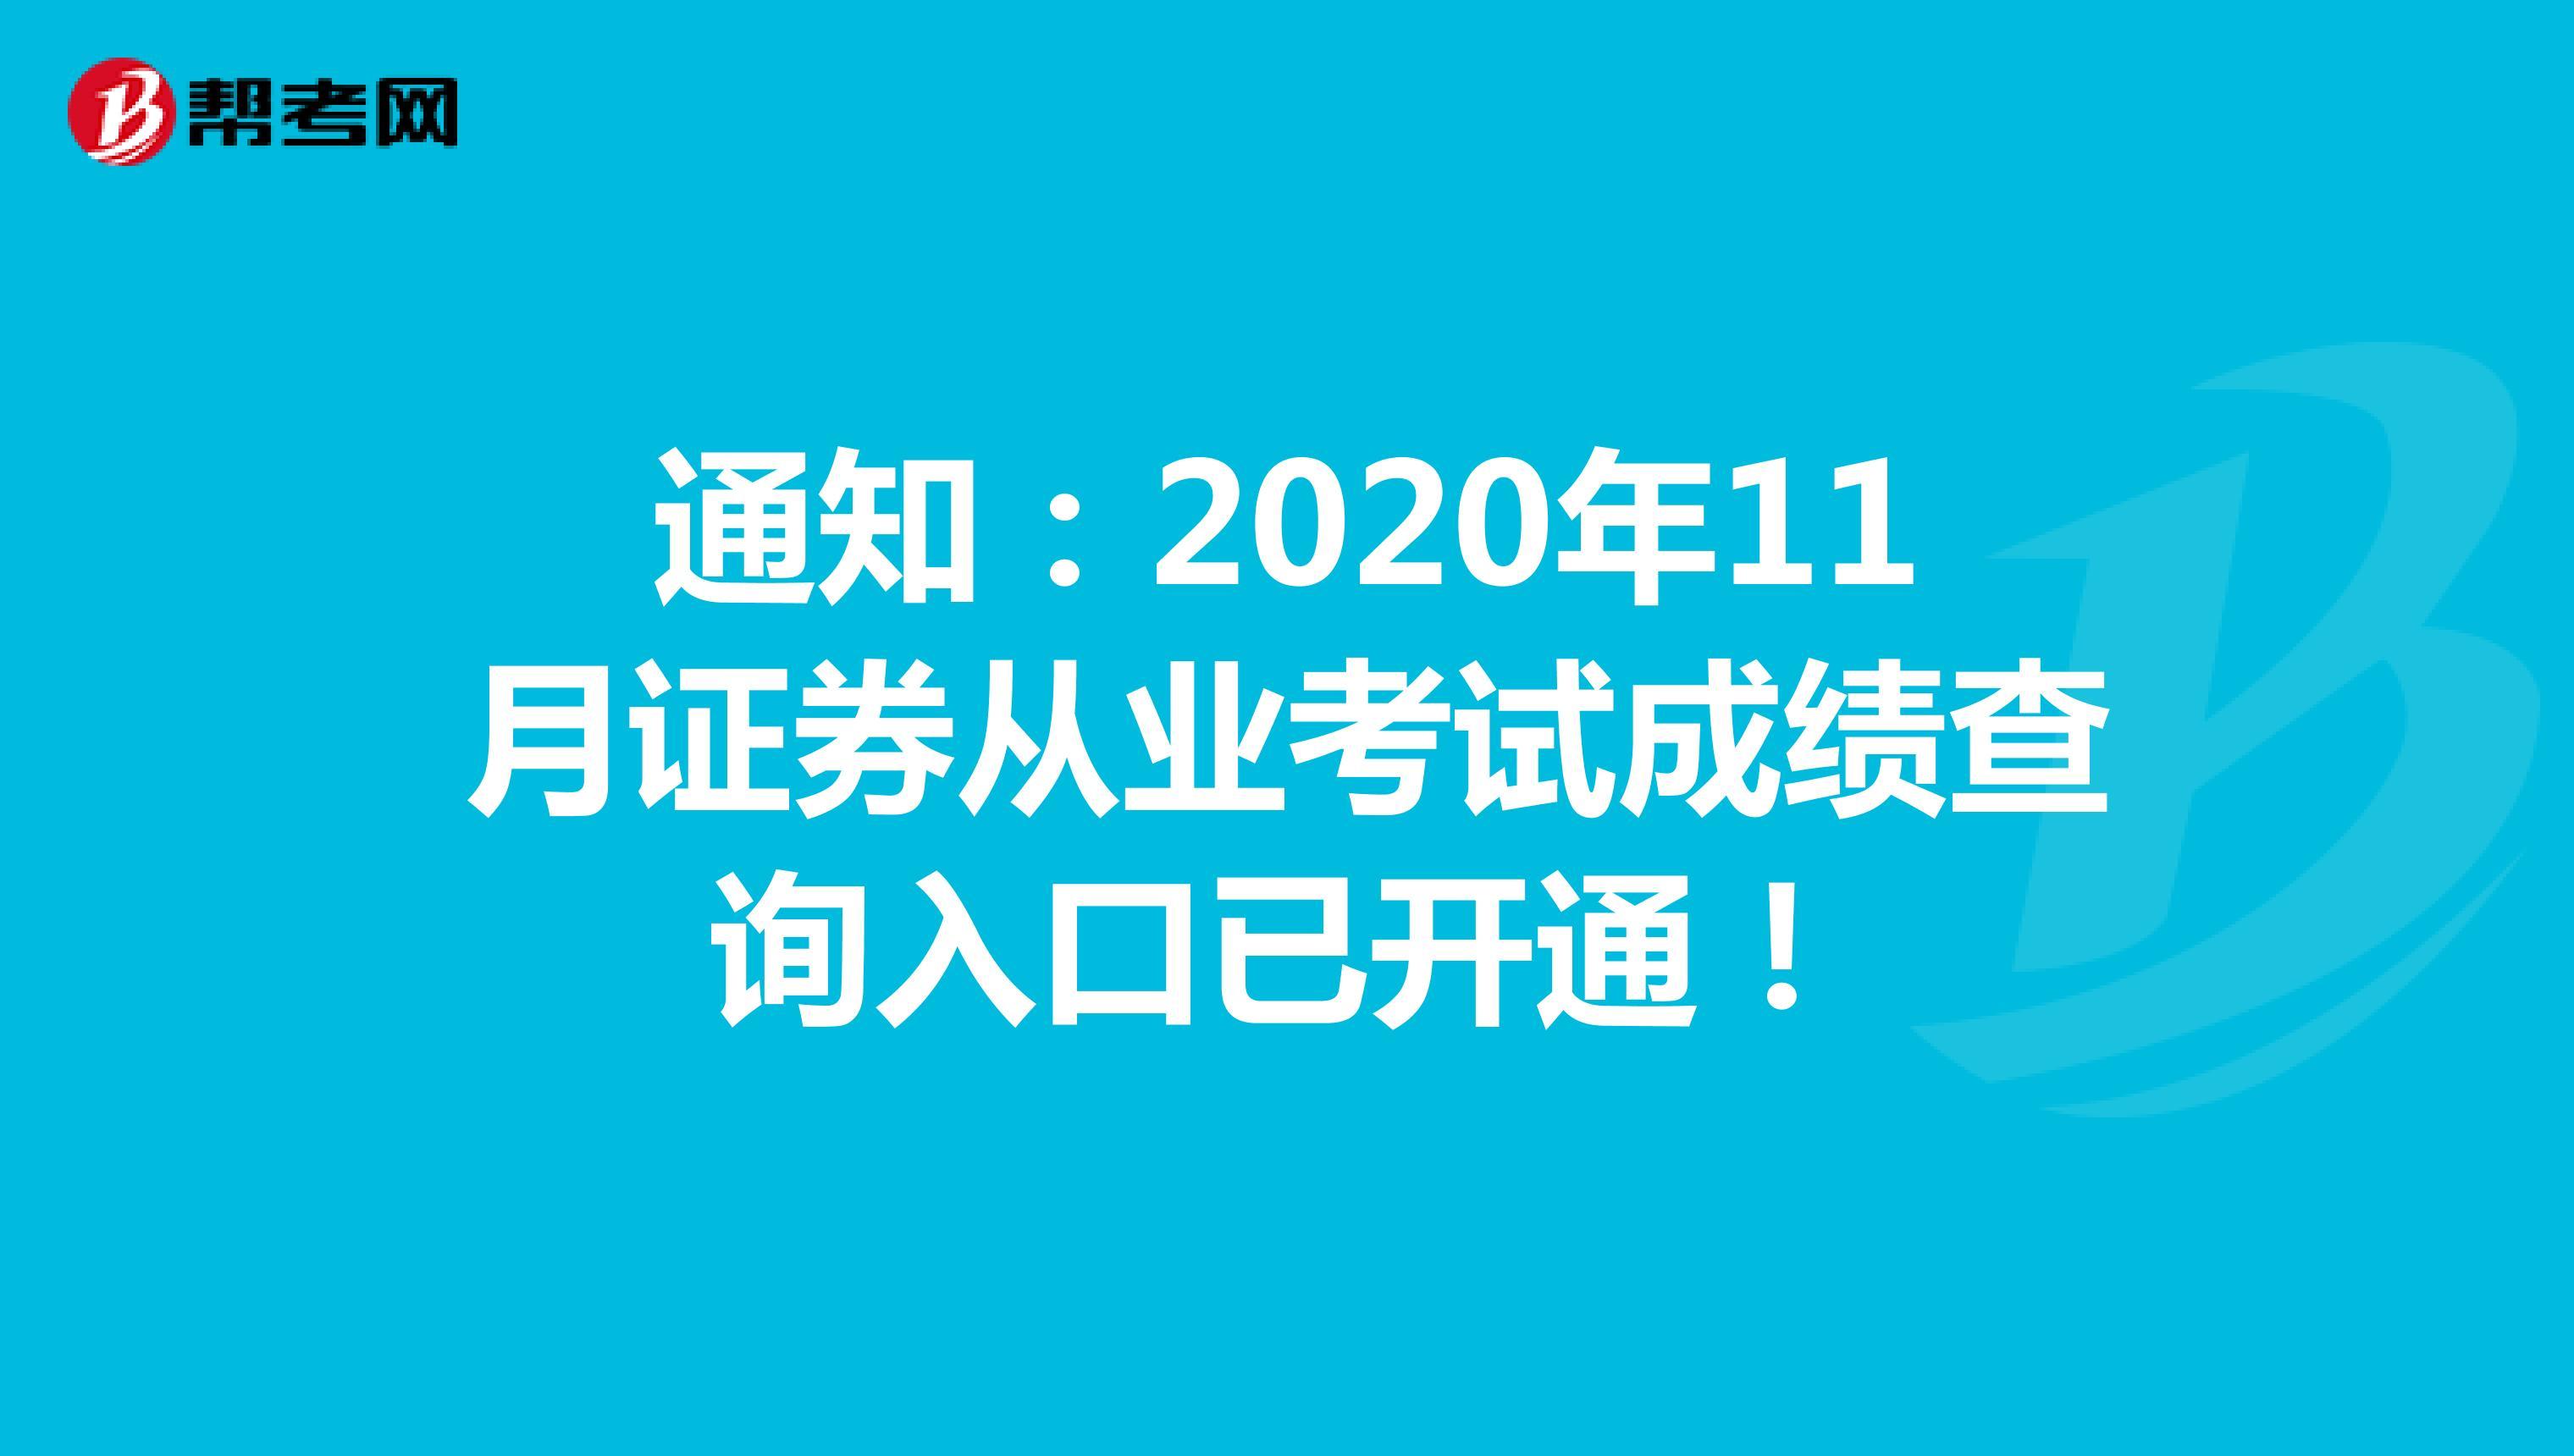 通知:2020年11月證券從業考試成績查詢入口已開通!